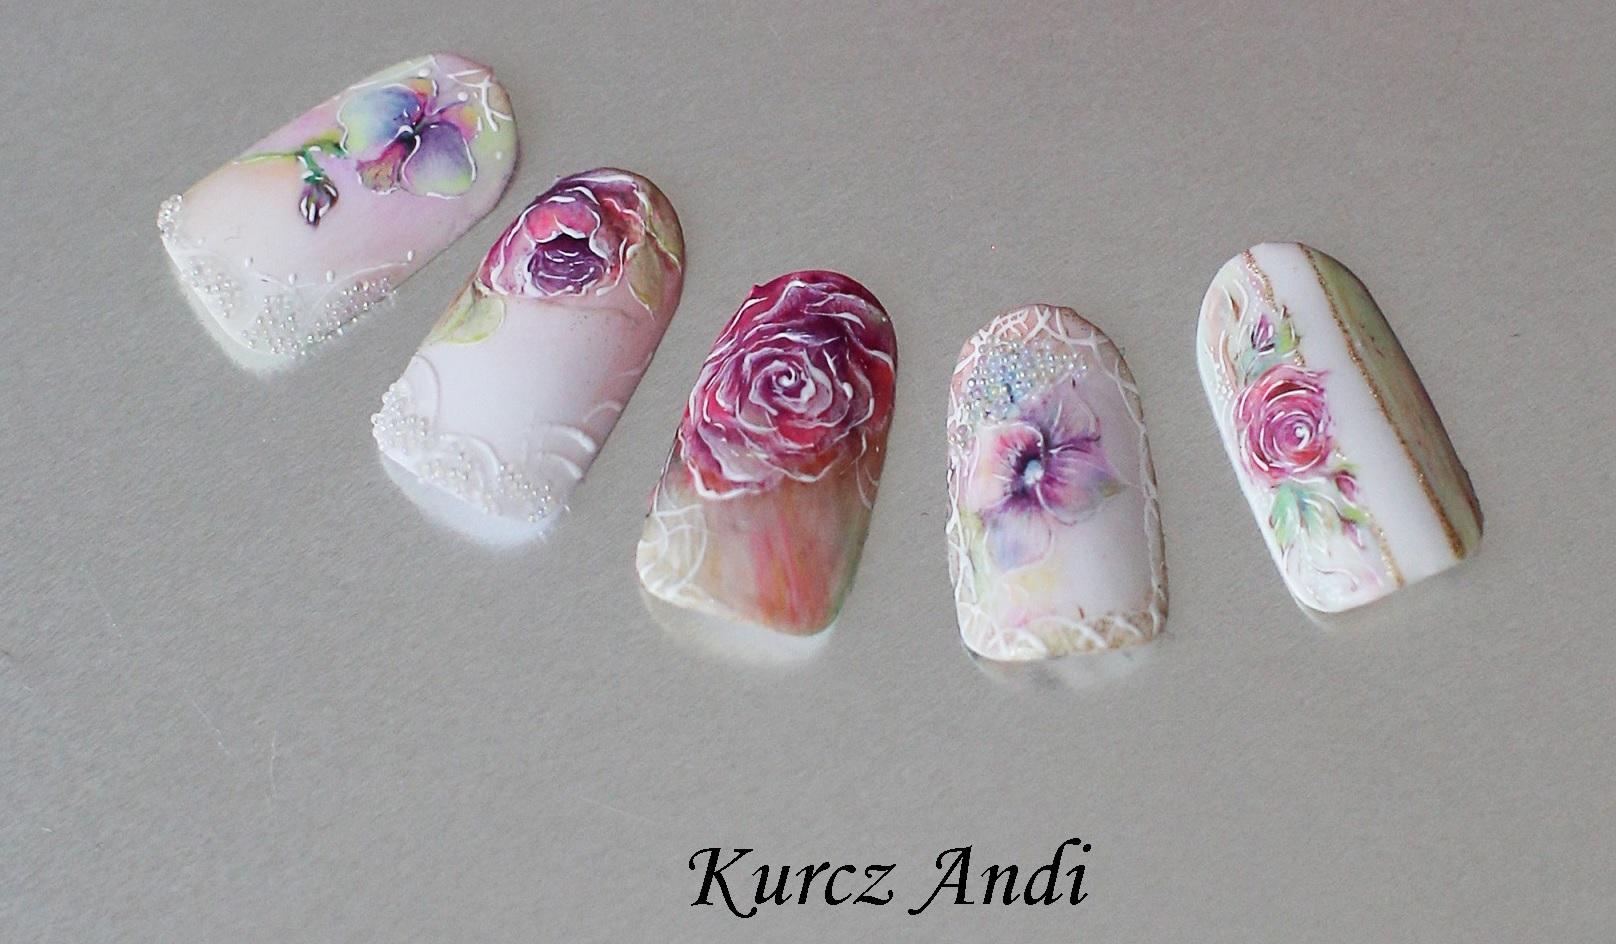 Aquarell Art - Creative Nails Schulung mit Andrea Kurcz